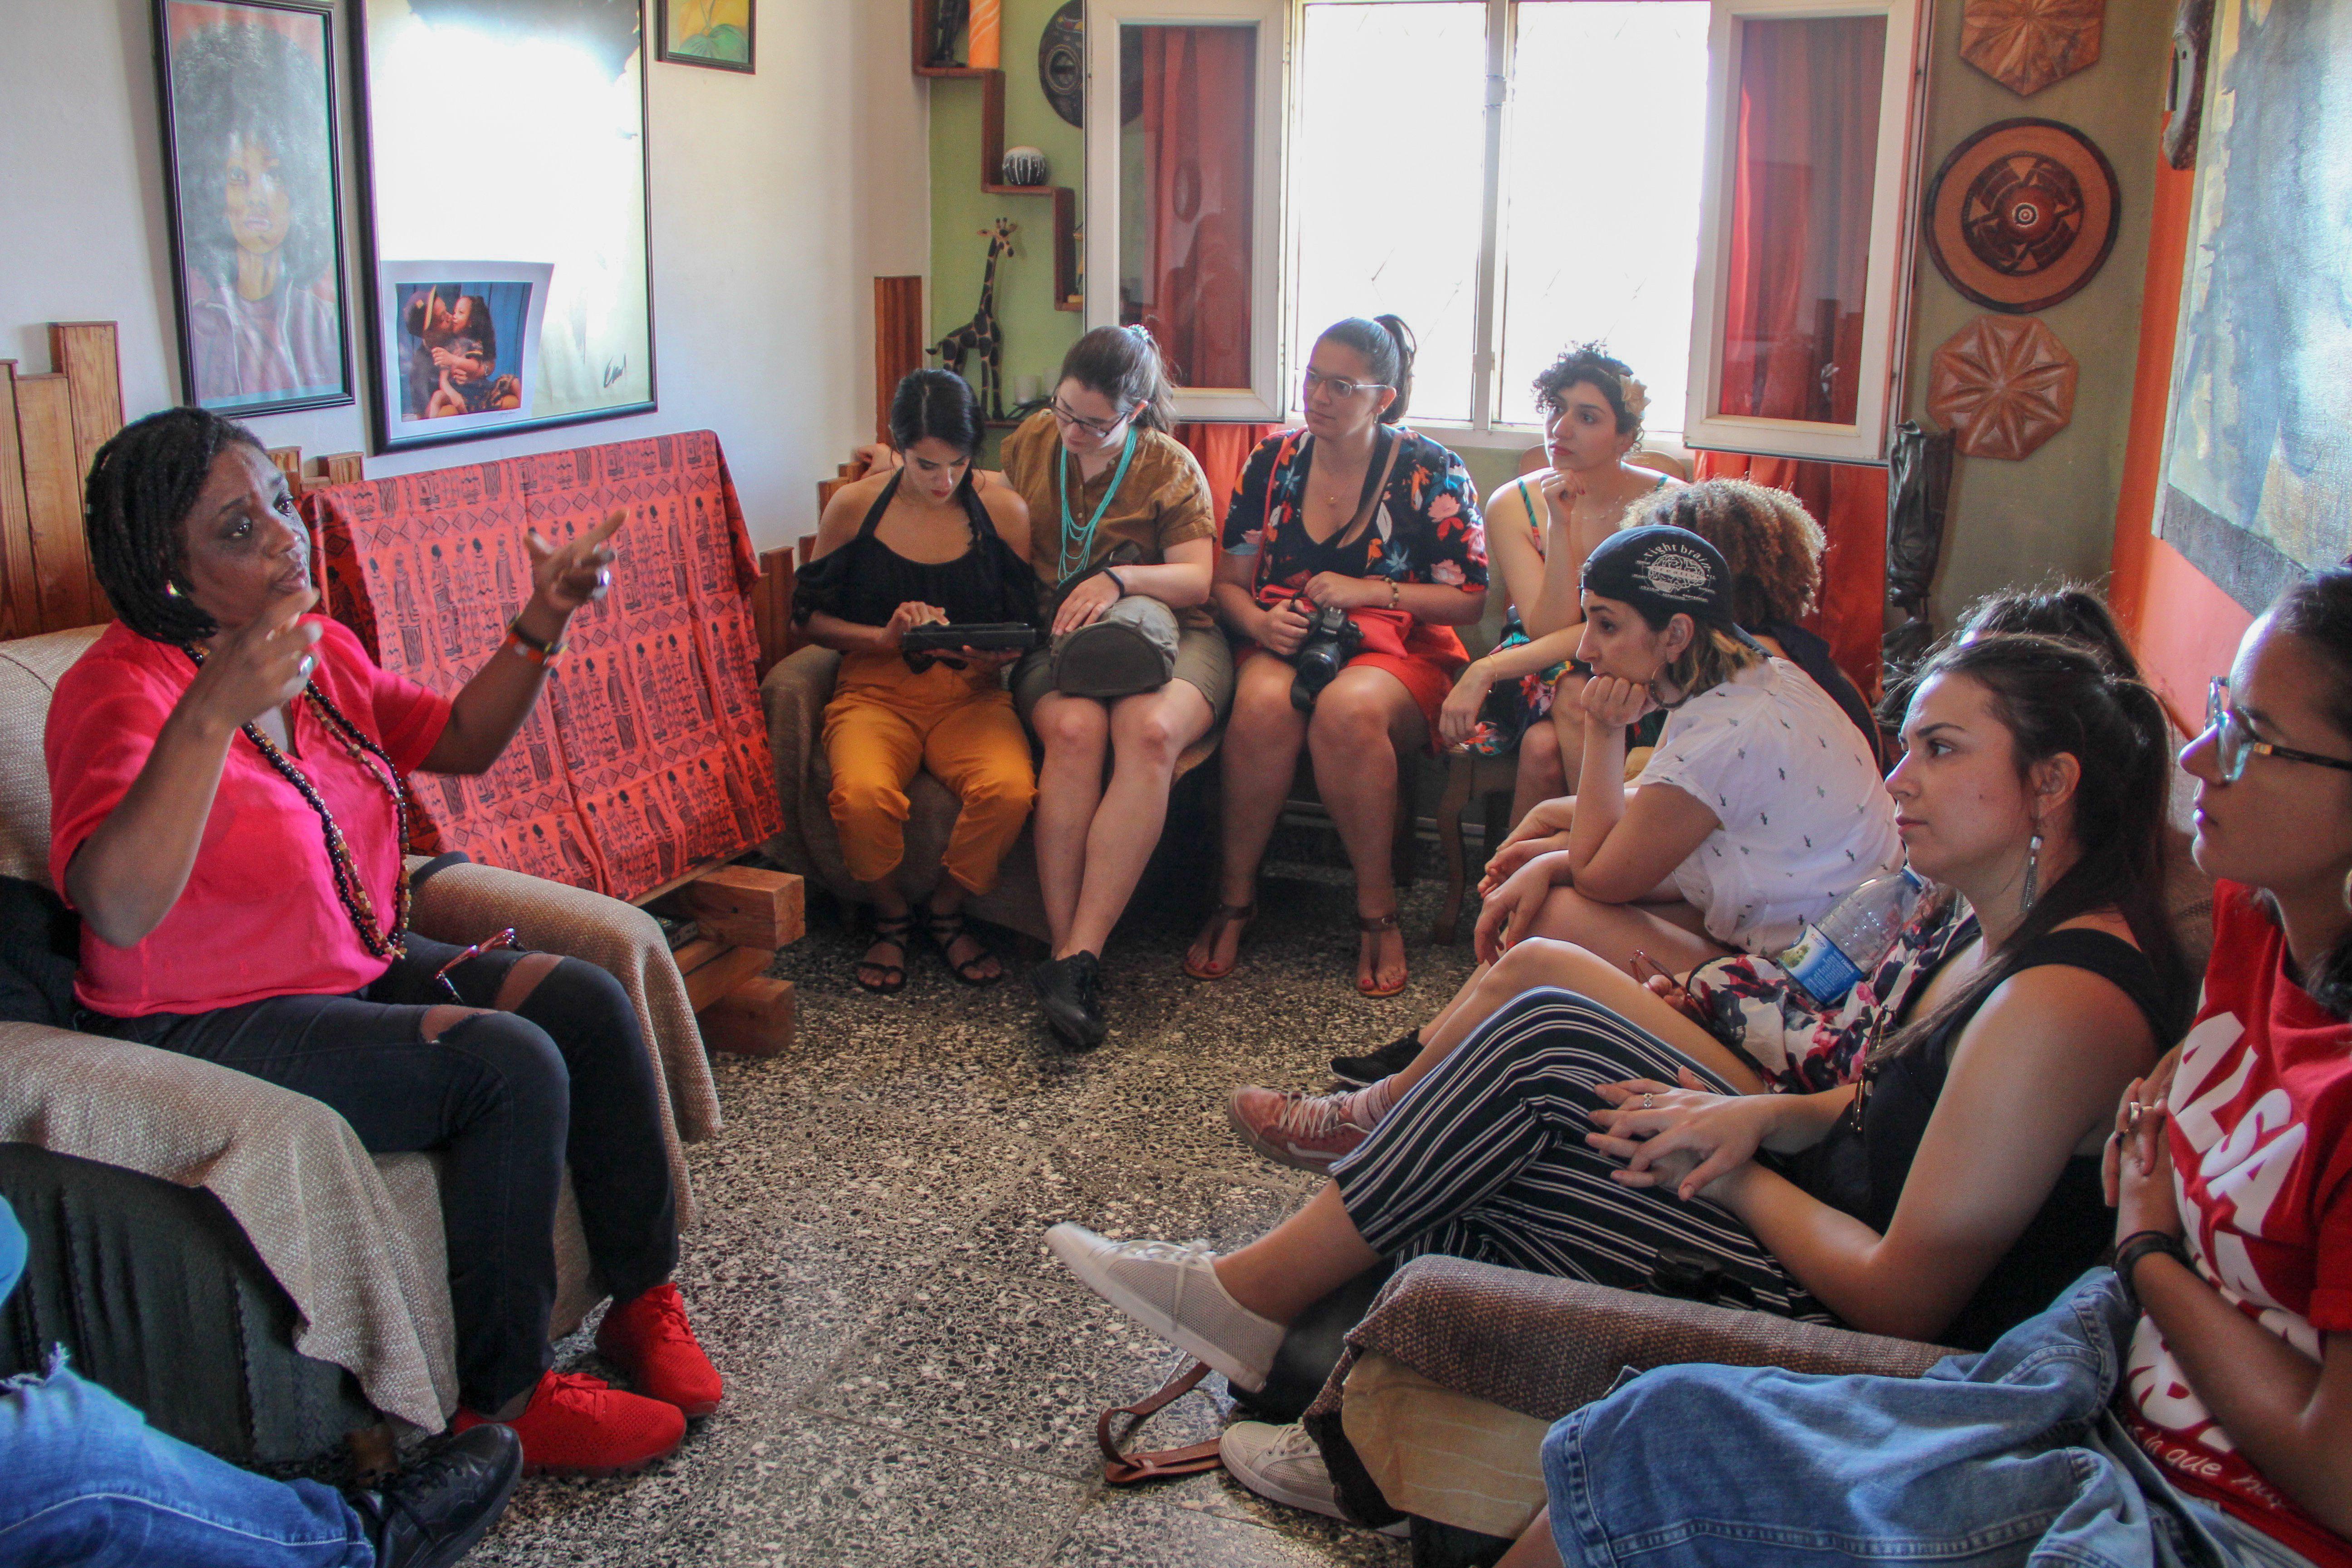 Conversación sobre raza y género en Regla junto a Magia López. Foto: Cortesía de CubaOne.